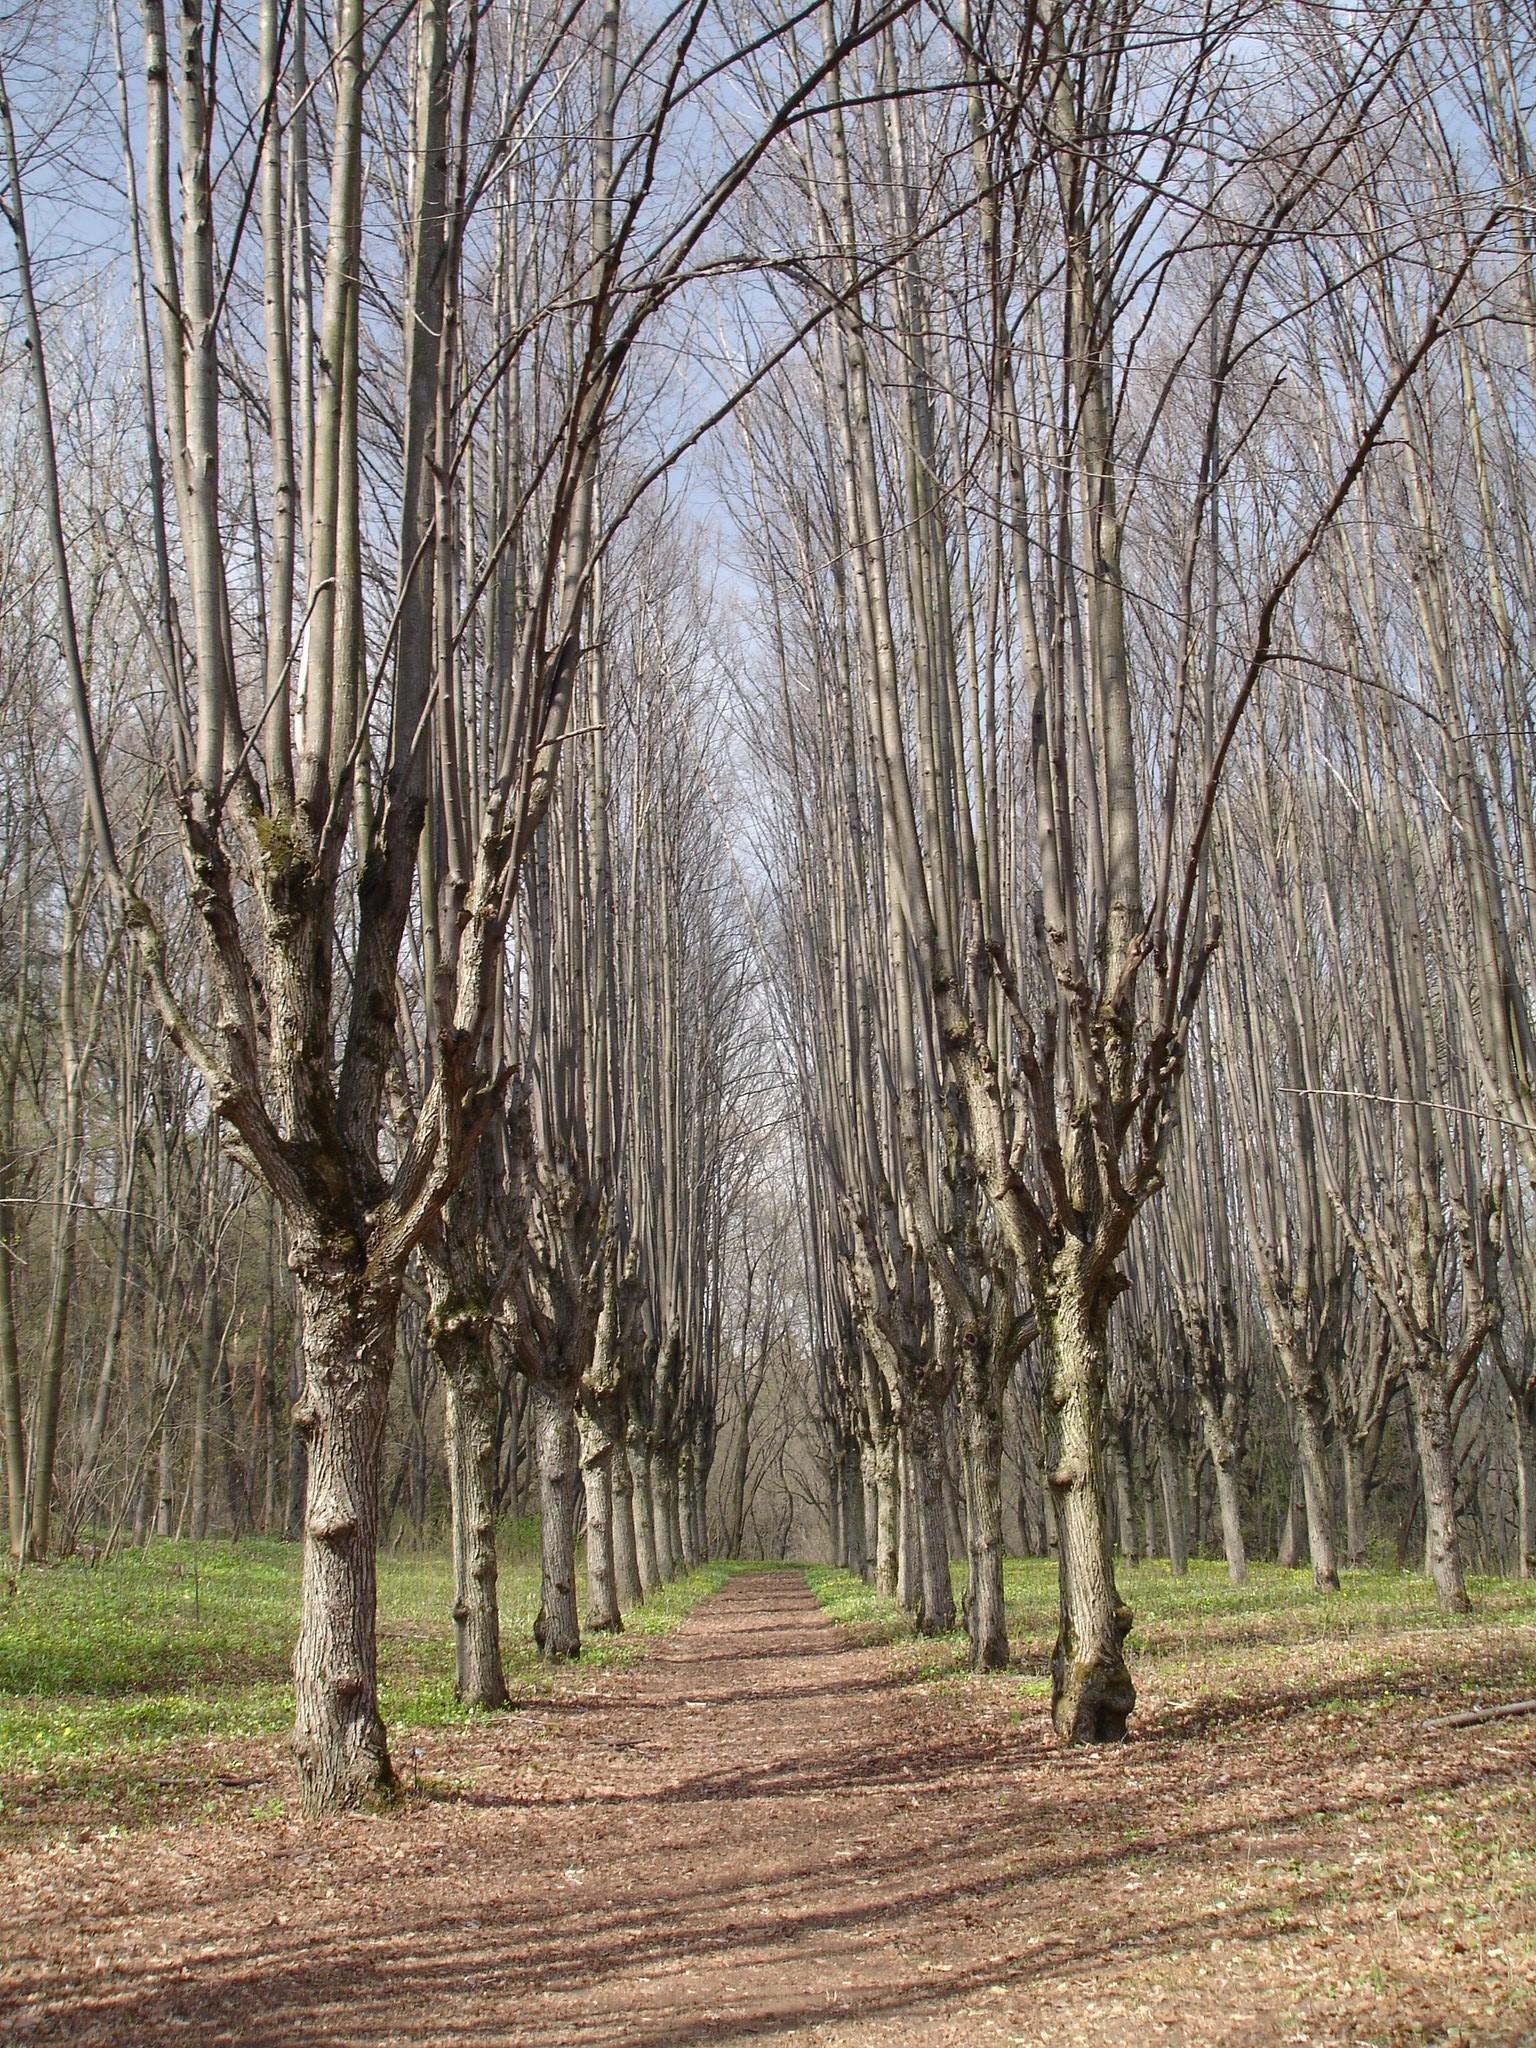 Шарівка. Так виглядає липова алея садибного парку у квітні, коли дерева ще не вкриті листям. Але ж далі буде! Фото — Тетяна Чернецька (2006).